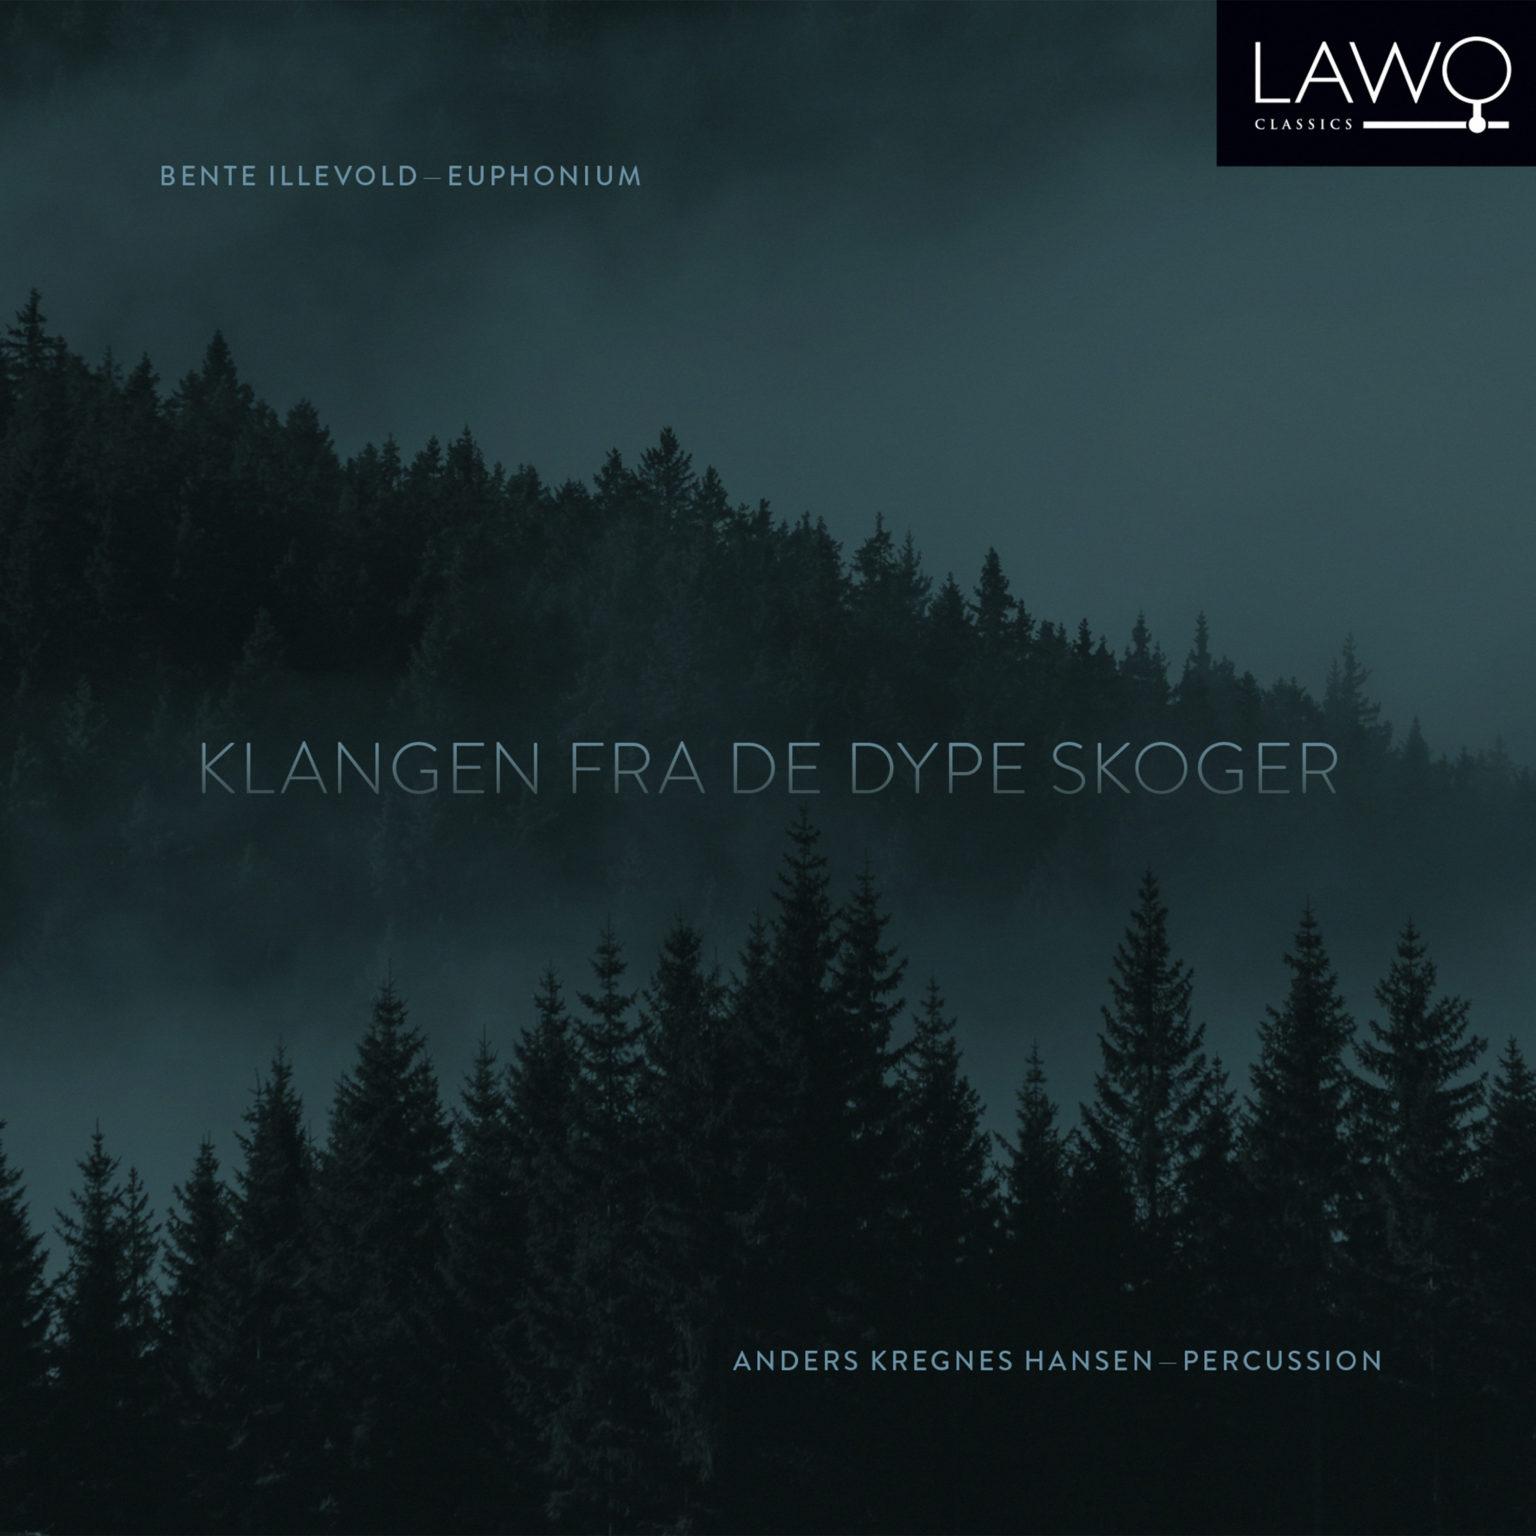 Click image for larger version.  Name:LWC1195_Bente_Illevold_Klangen_fra_de_dype_skoger_cover_3000x3000px-1536x1536.jpg Views:212 Size:174.8 KB ID:7720